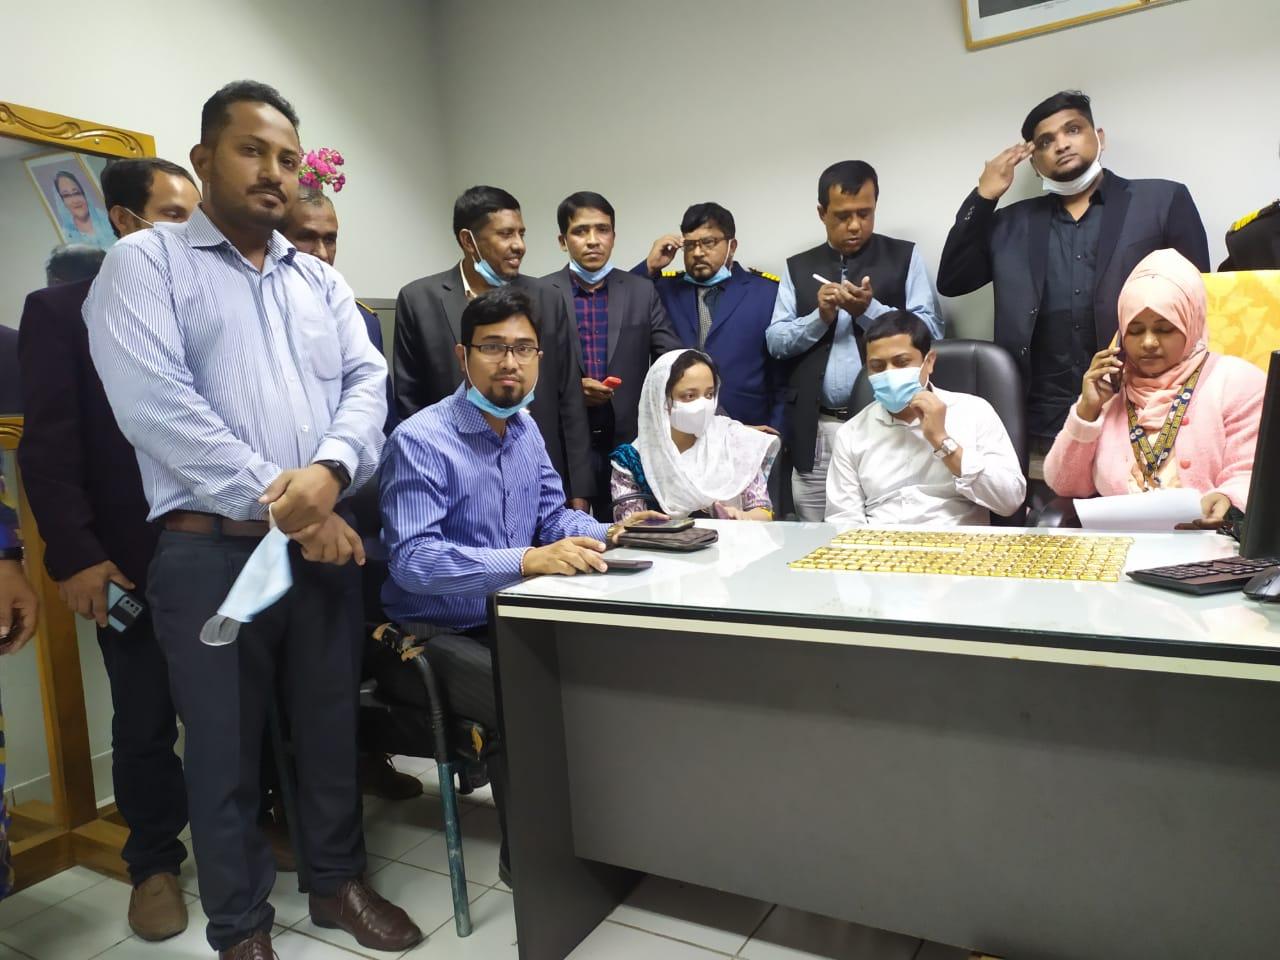 বাংলাদেশ বিমান থেকে ১৫০টি স্বর্ণের বার উদ্ধার